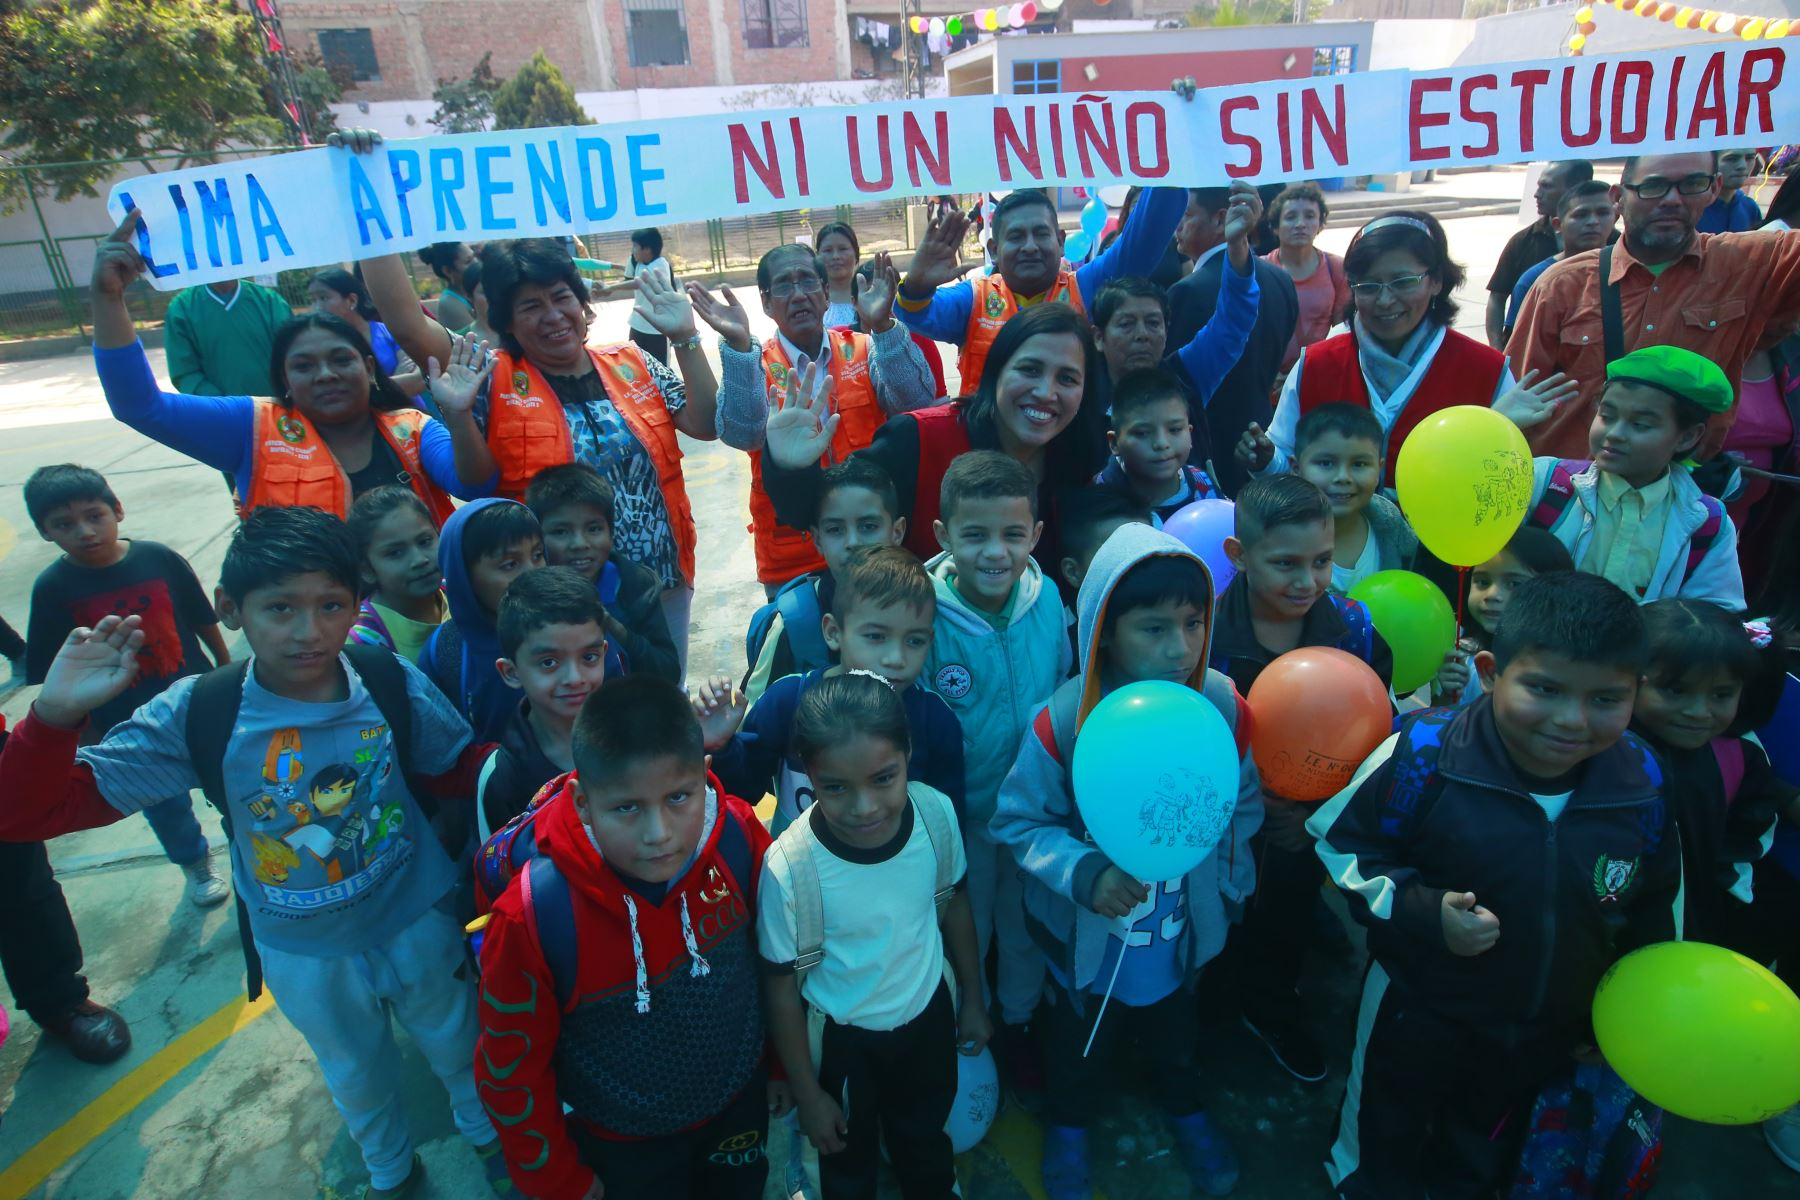 """Ministra de Educación, Flor Pablo Medina da la bienvenida a los niños a niños, que no alcanzaron vacantes este año y gracias a la campaña """" Lima aprende"""" , ahora se integran. Las vacantes también alcanzan para niños y niñas venezolanos. Foto: ANDINA/Héctor Vinces"""